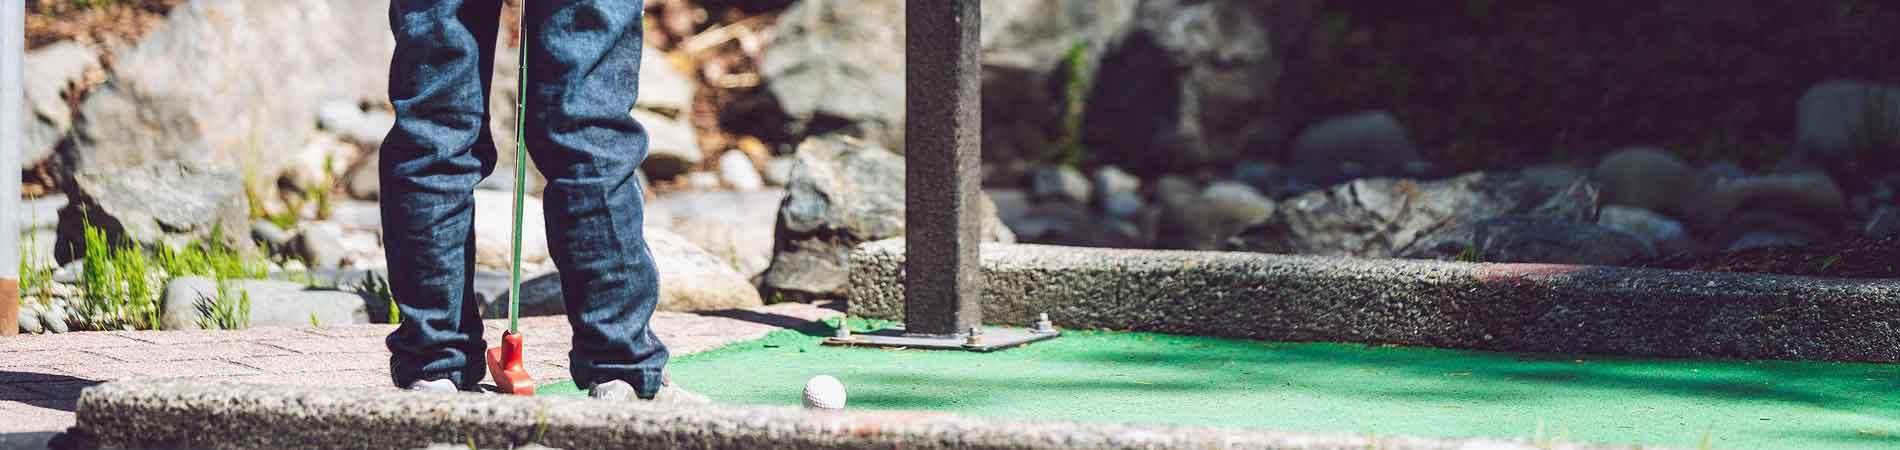 mini-golf enfants Ondres